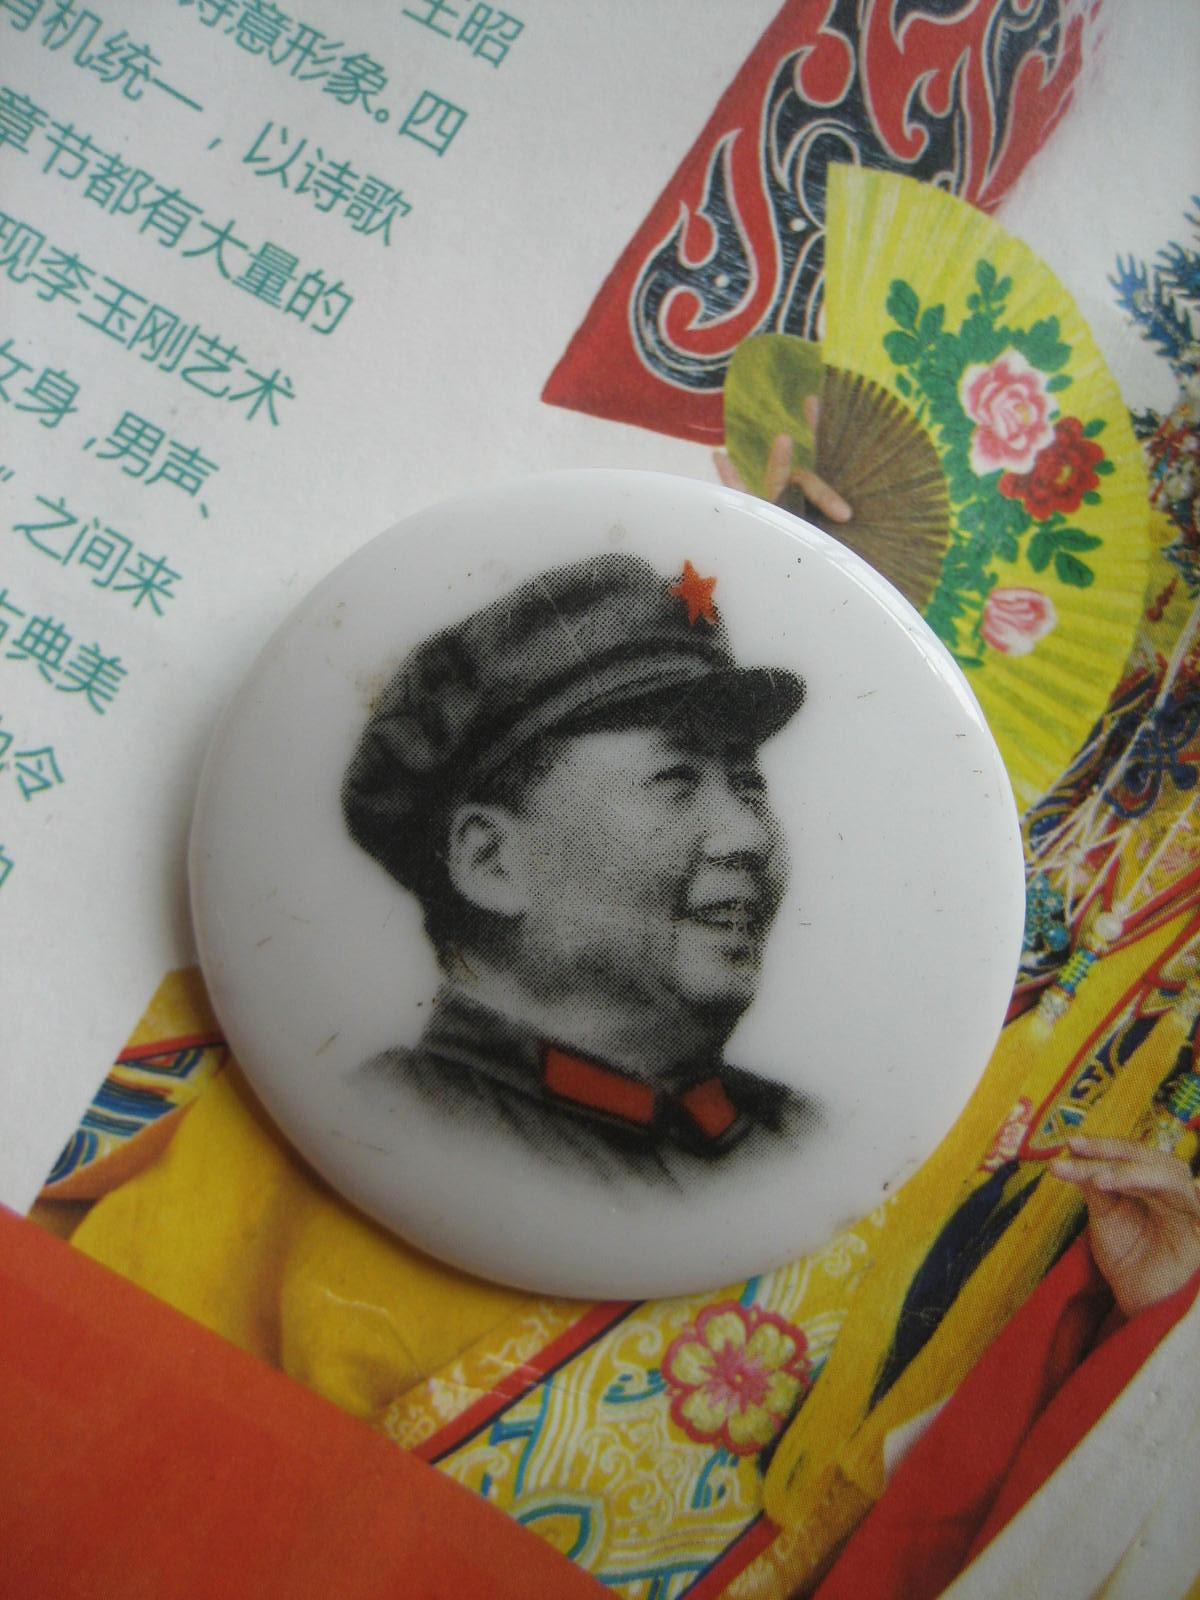 Bộ sưu tập màu đỏ hiếm lốp sứ rẽ phải màu đen và trắng như đồng phục quân đội Chủ tịch Mao phù hiệu 3.5 cm